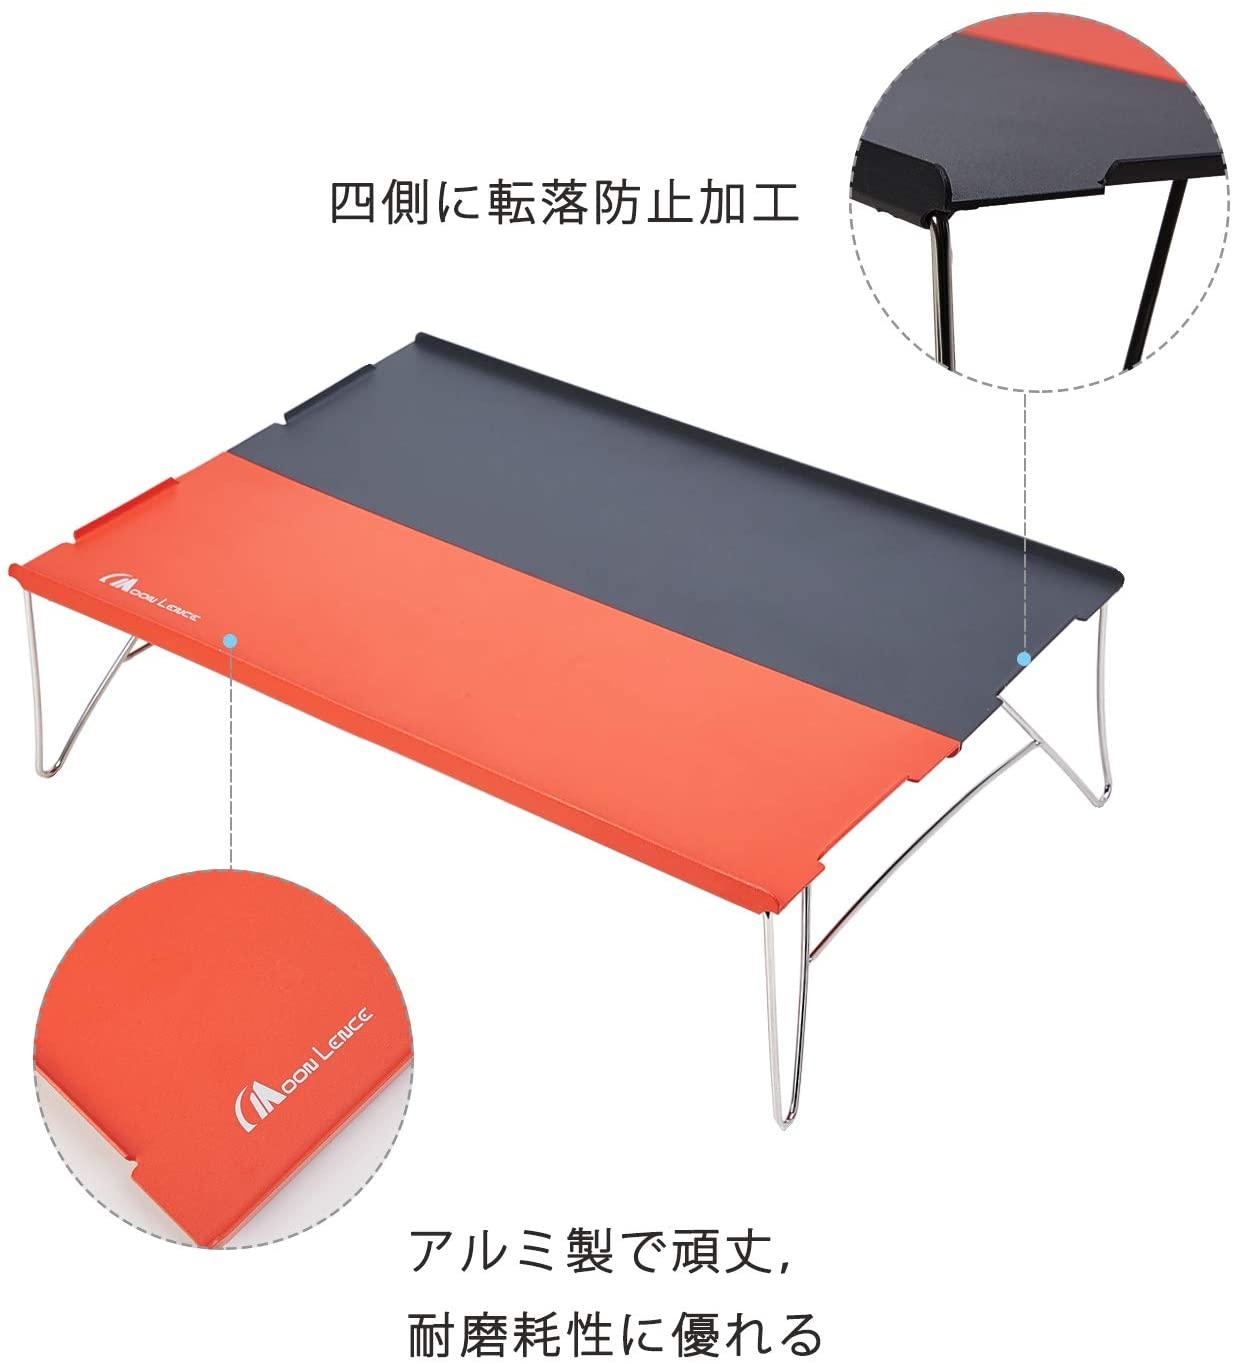 アマゾンでMoon Lence アウトドアテーブルが1000円以下。